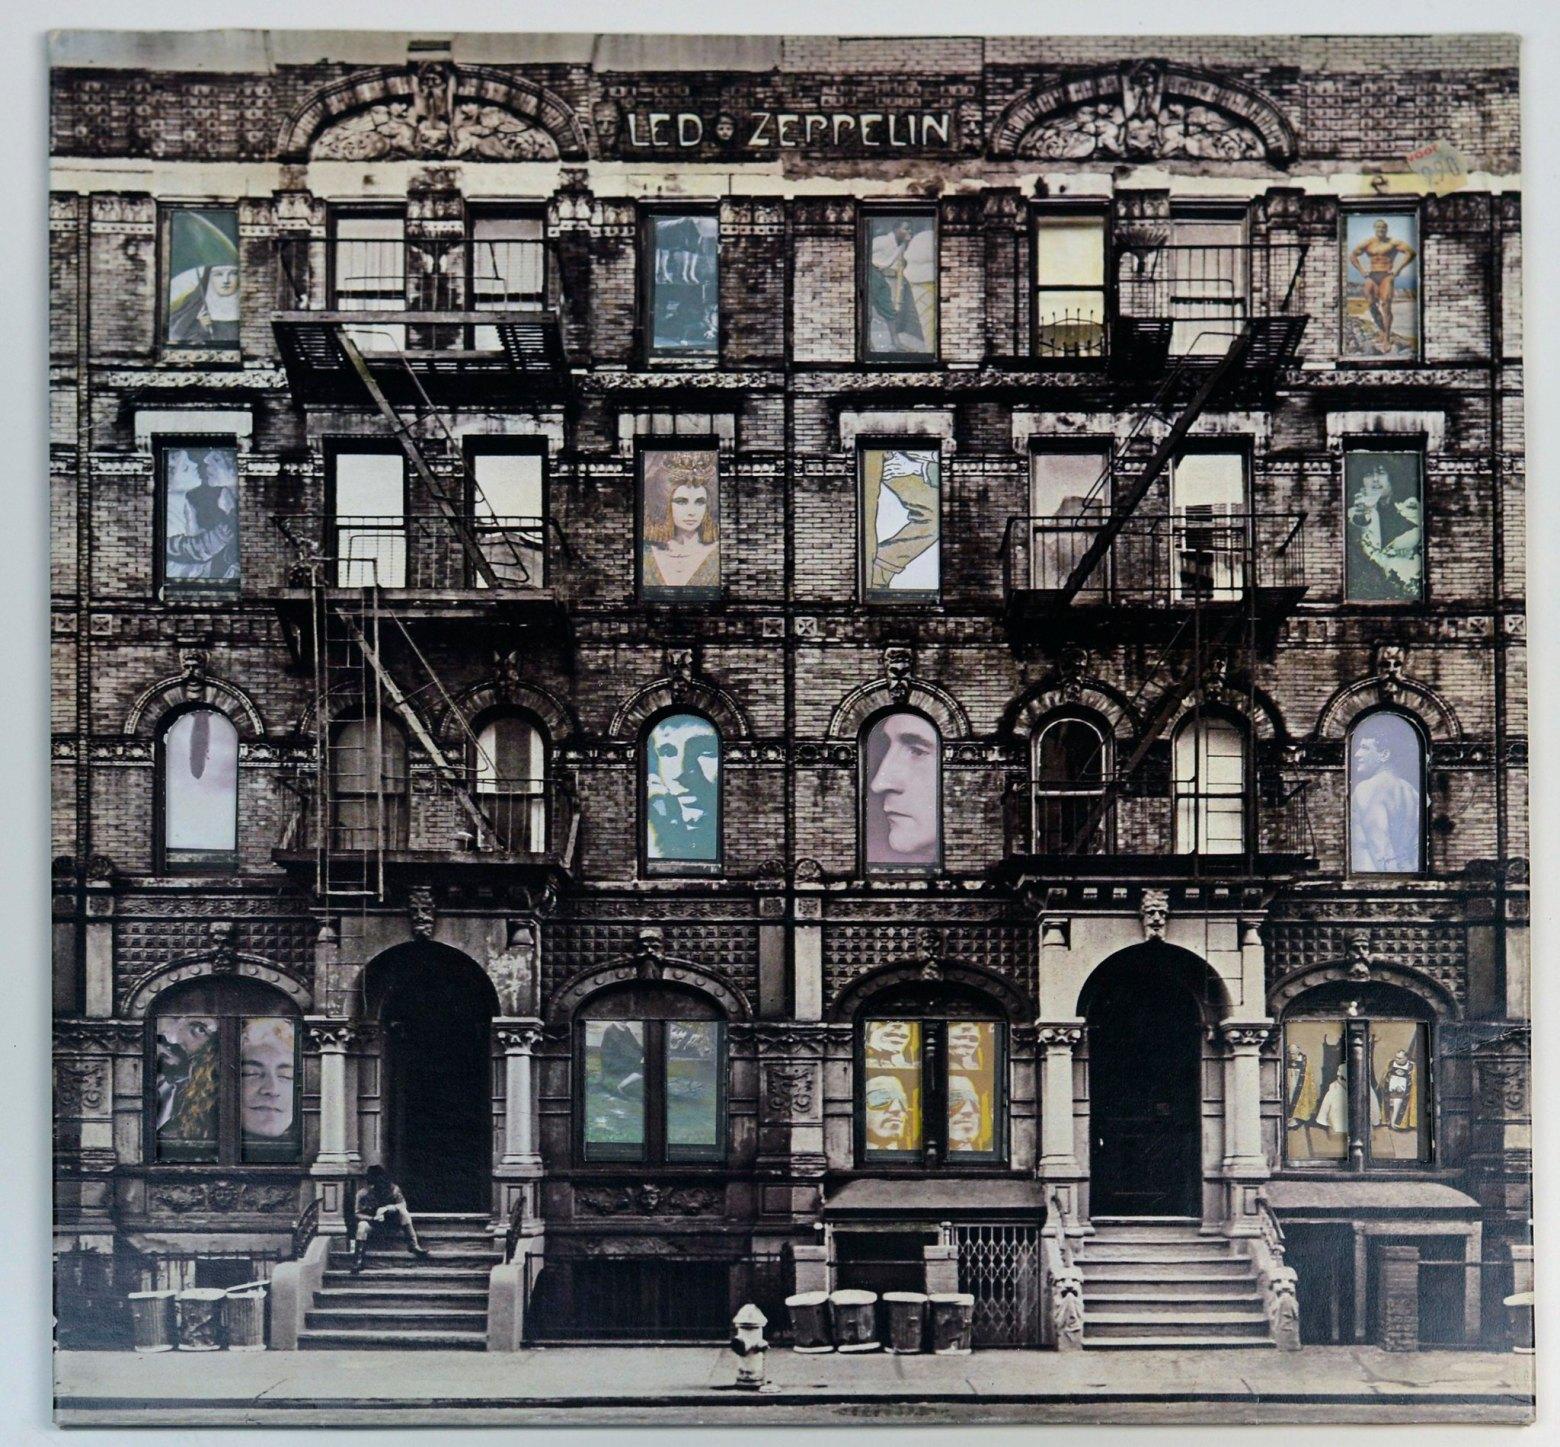 Physical Graffiti – Led Zeppelin Cover